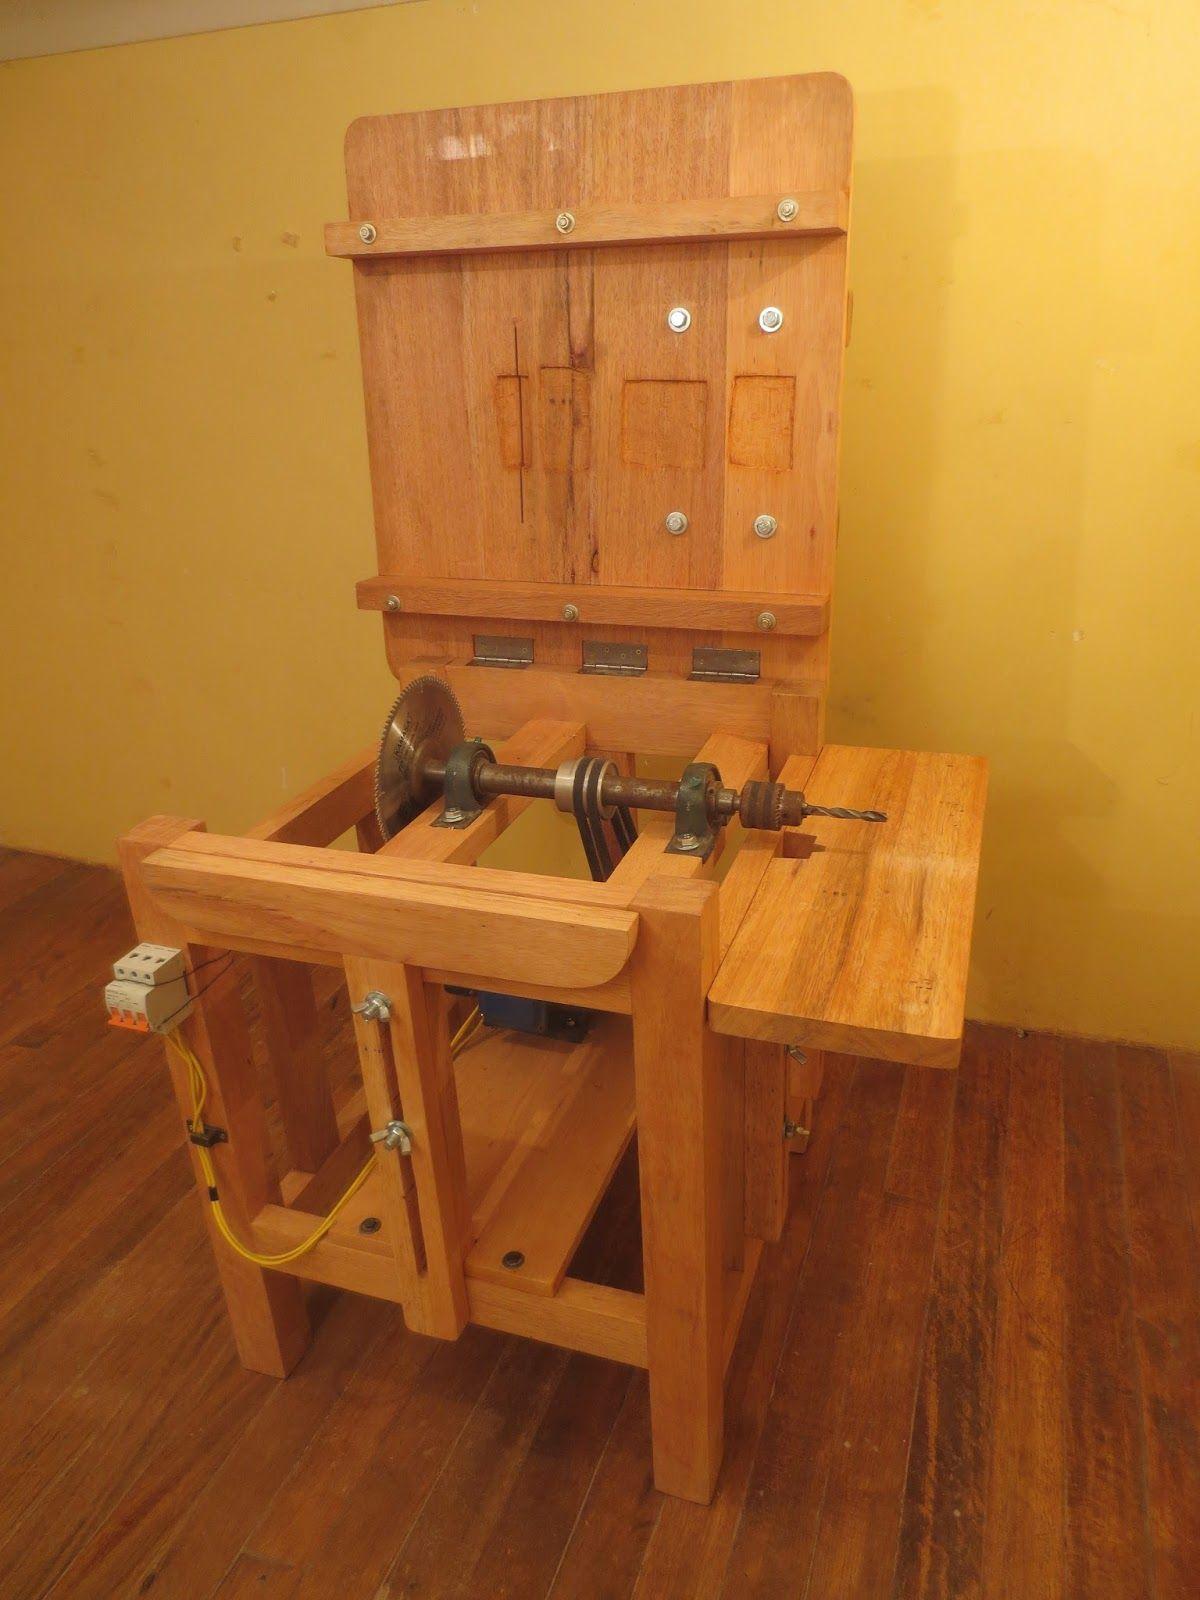 Decoraciones manualidades en madera como hacer una sierra - Manualidades con muebles ...